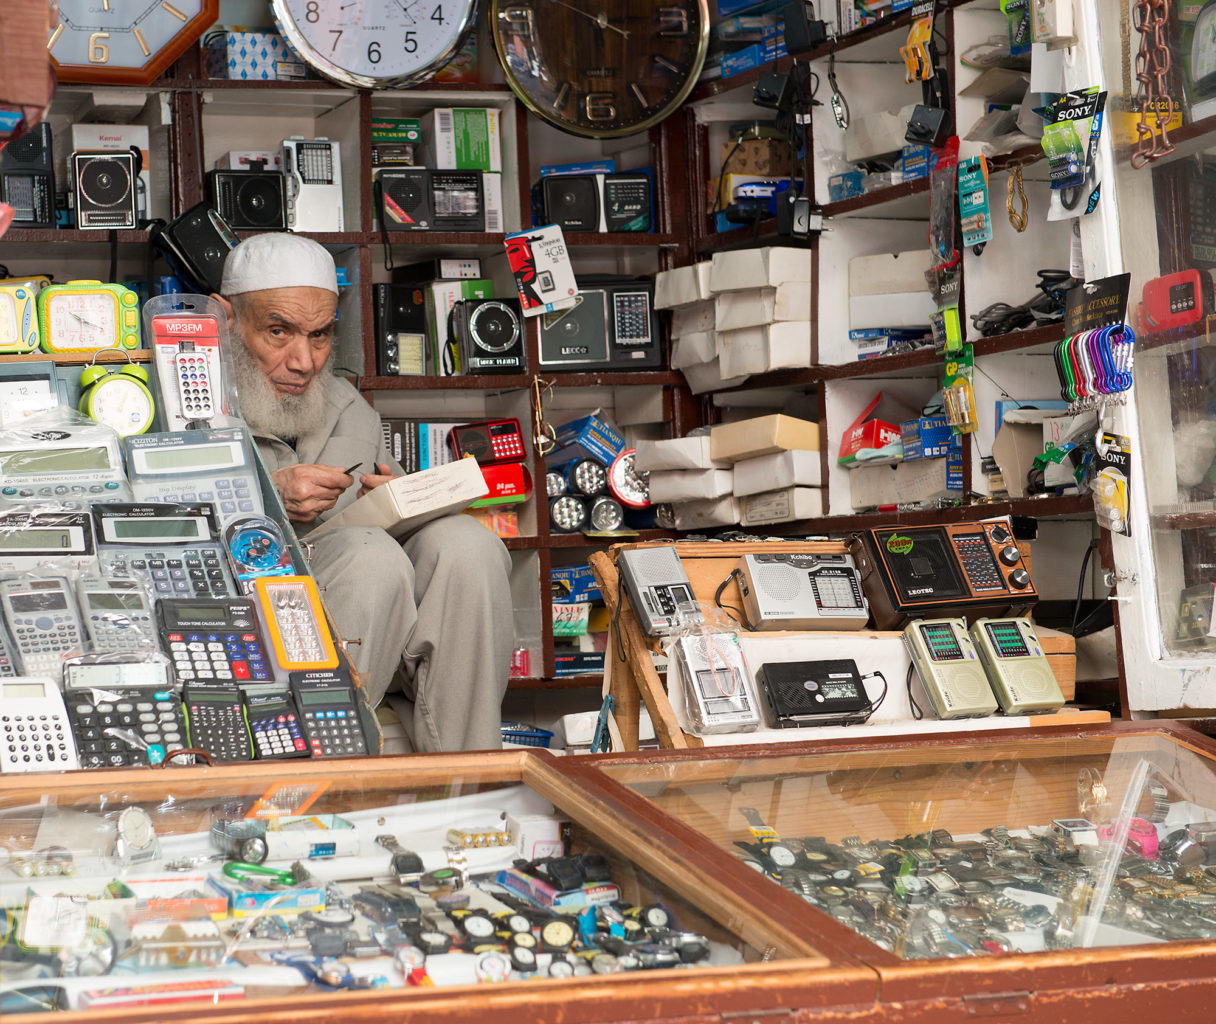 Souk Medina Marrakech Morocco